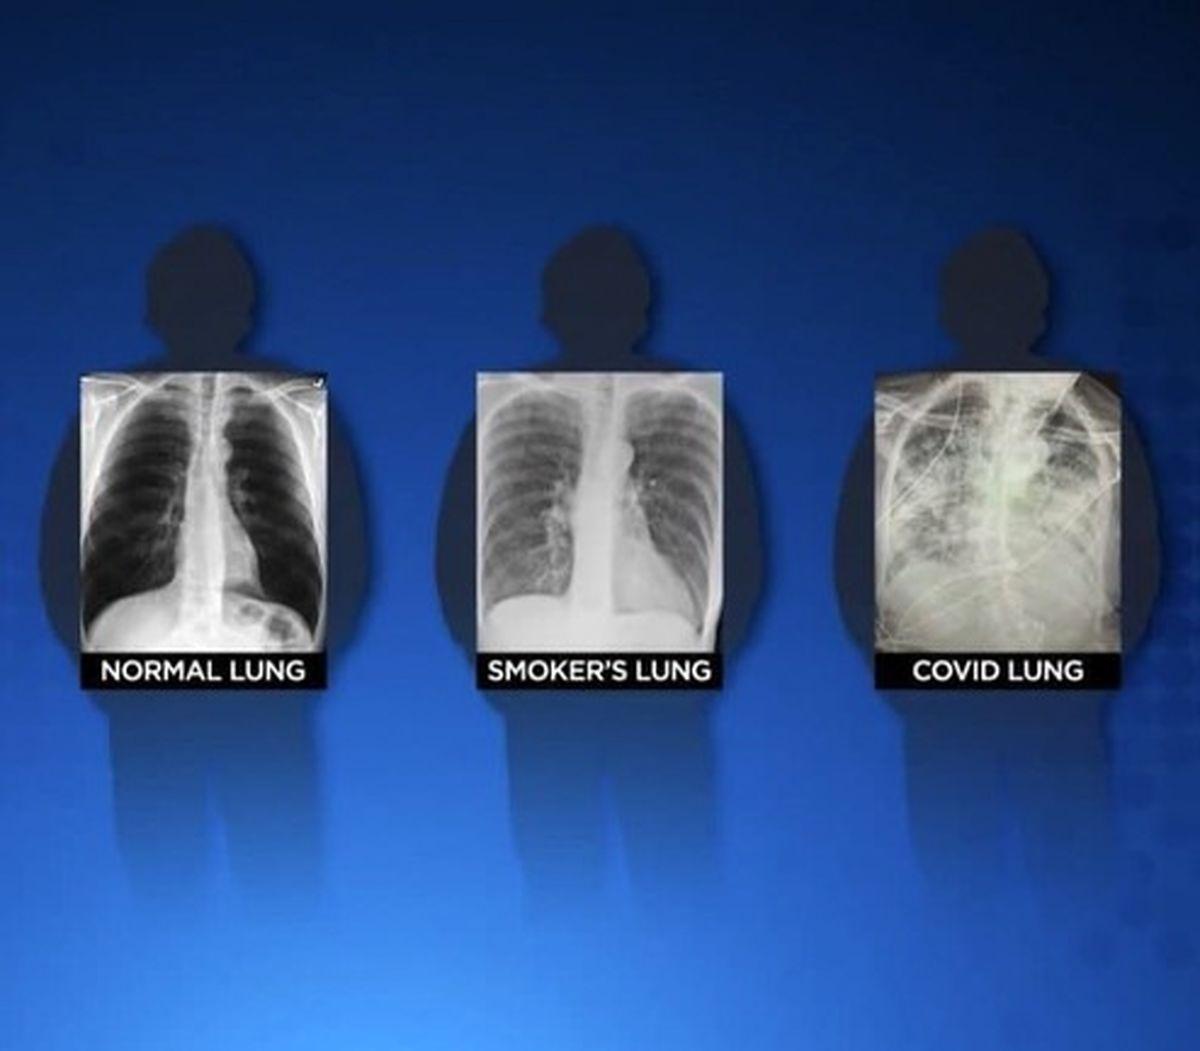 ریه کرونایی از ریه سیگاری هم بدتر است! +عکس